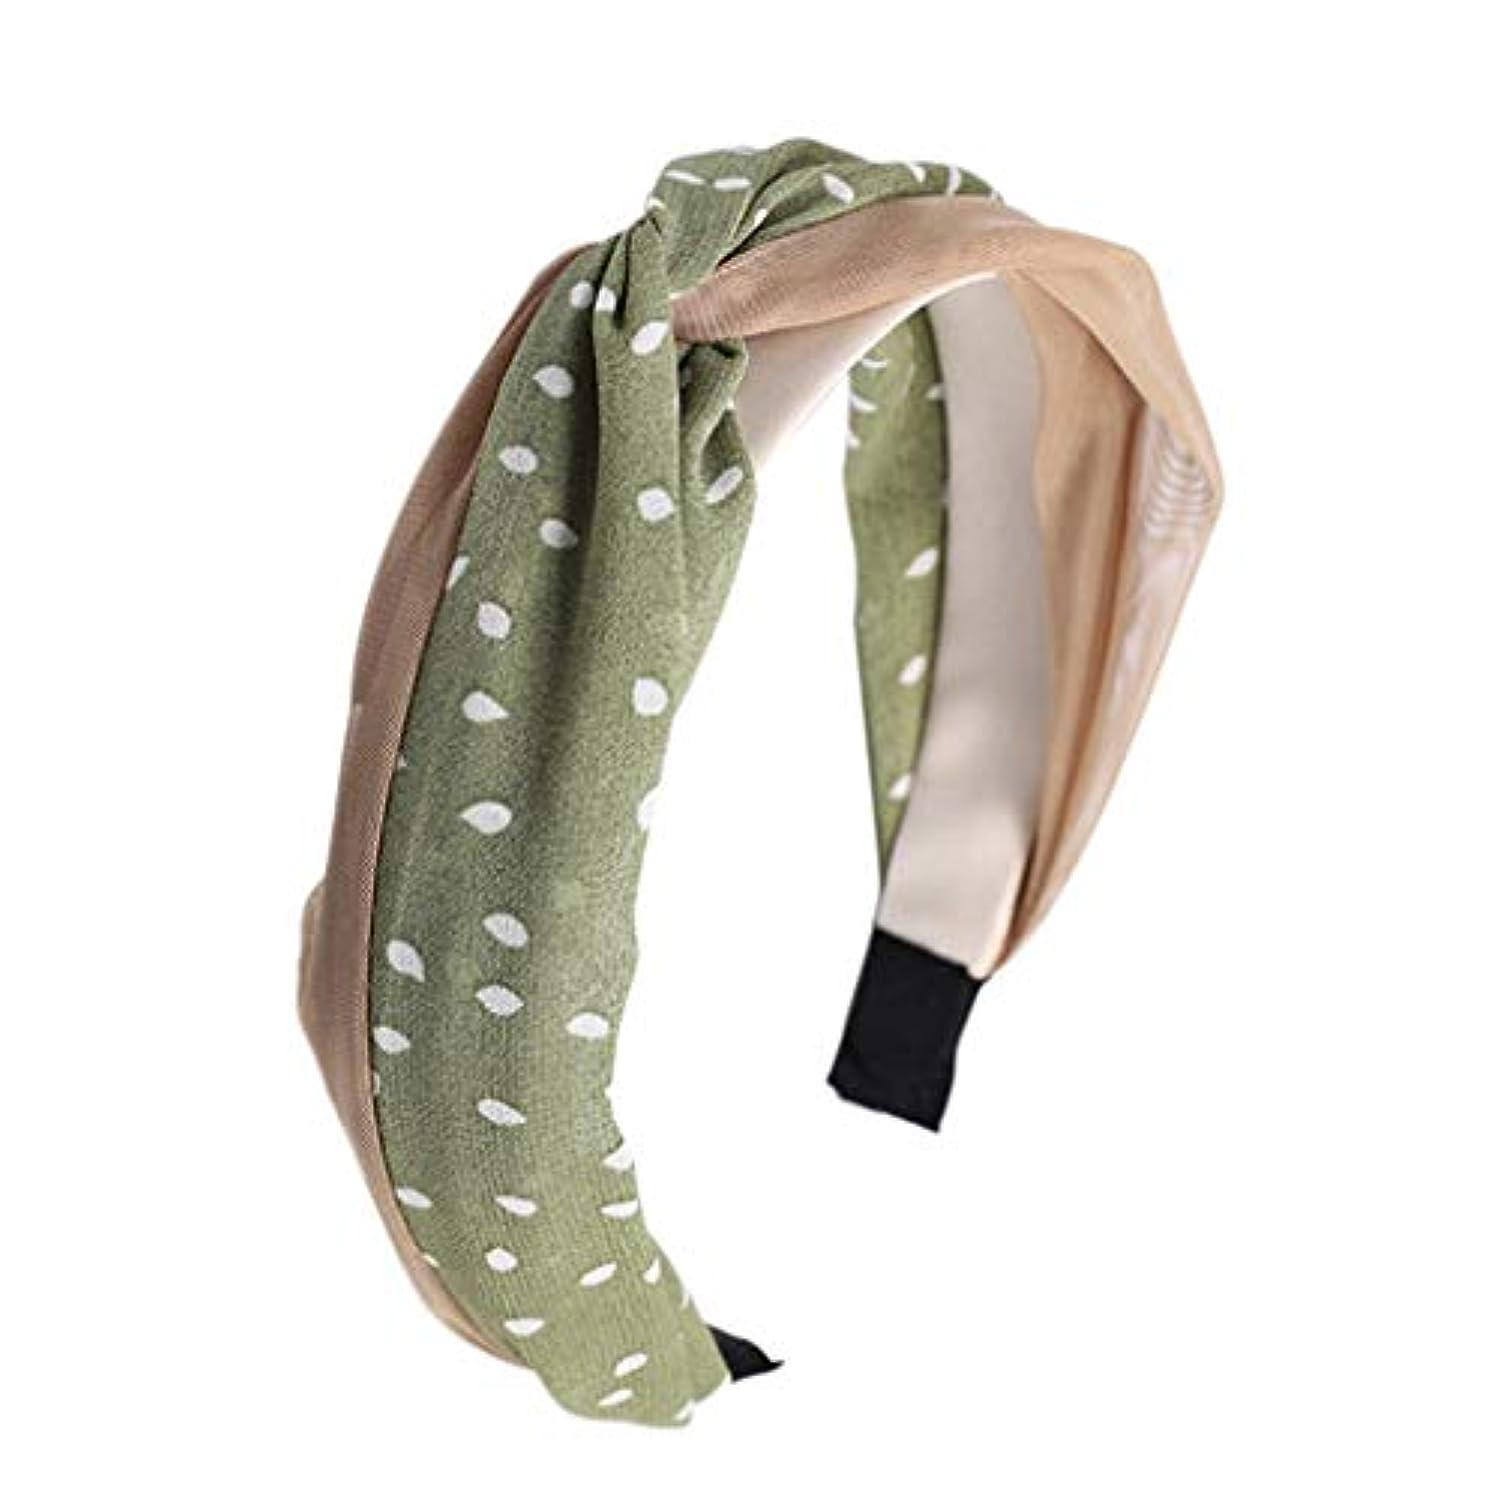 メッセンジャー威信無臭Manyao 韓国風の新鮮な女性のメッシュポルカドットヘッドバンドヴィンテージツイスト結び目ワイヤーヘアフープ (緑)